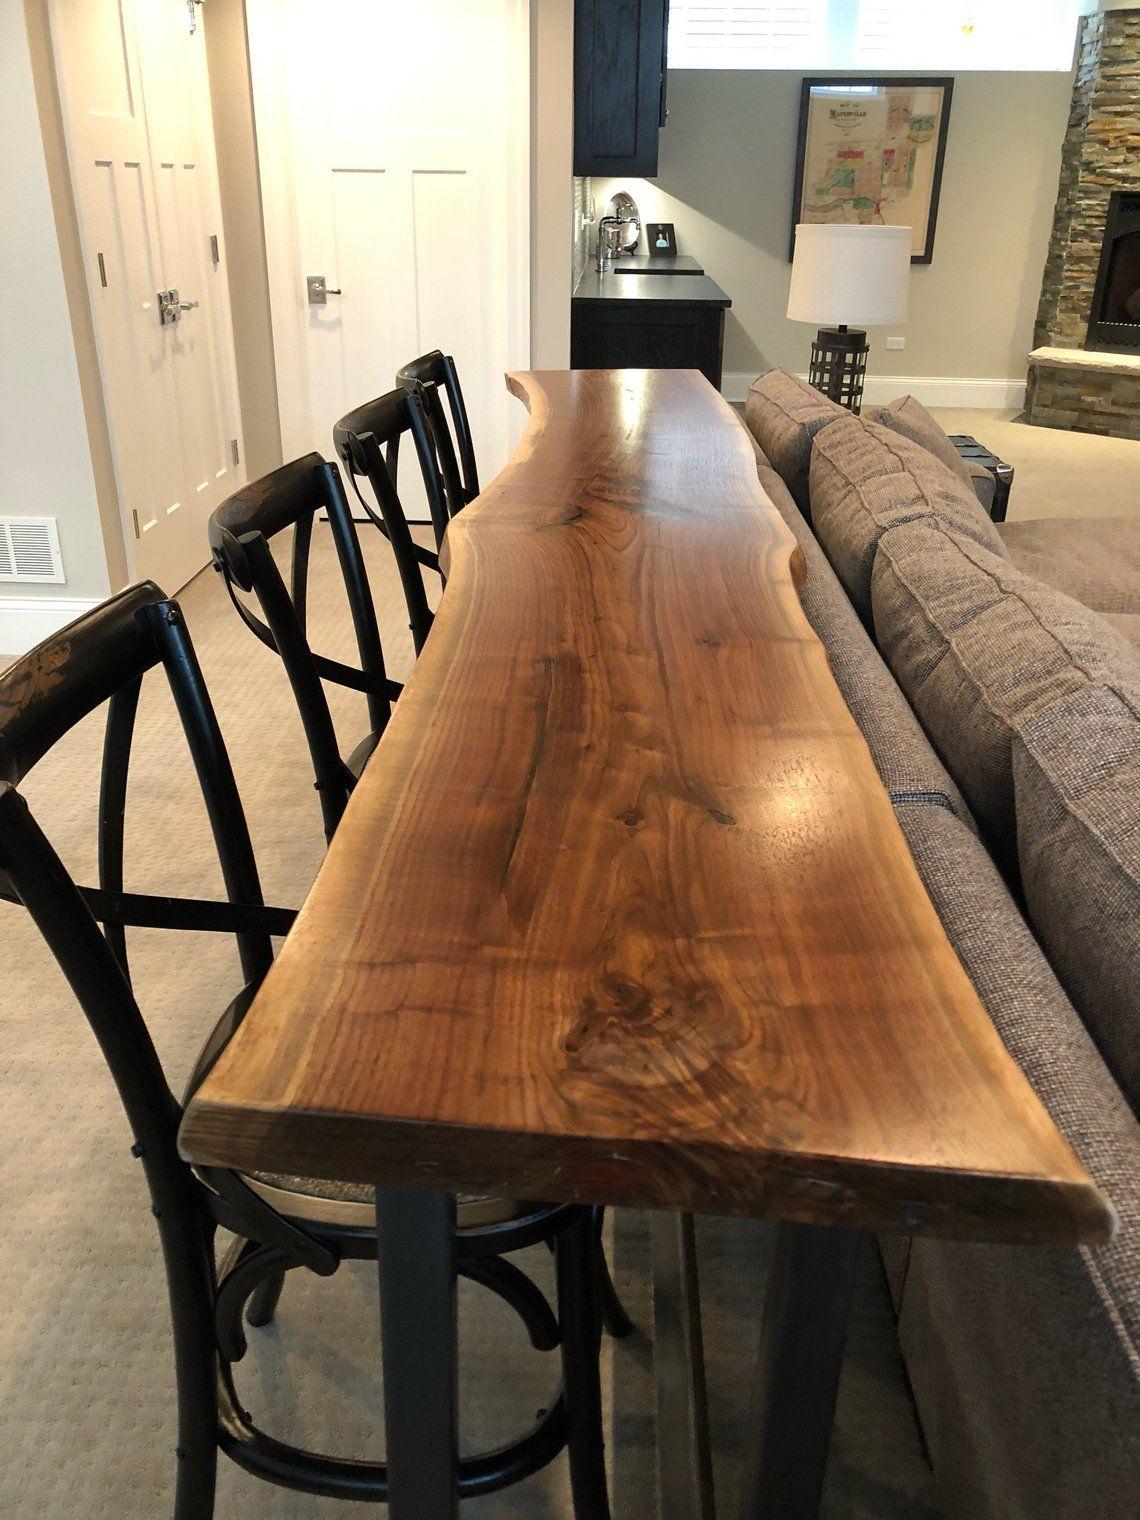 Terrific Live Edge Bar Table Black Walnut Home Bar Top In 2019 Machost Co Dining Chair Design Ideas Machostcouk